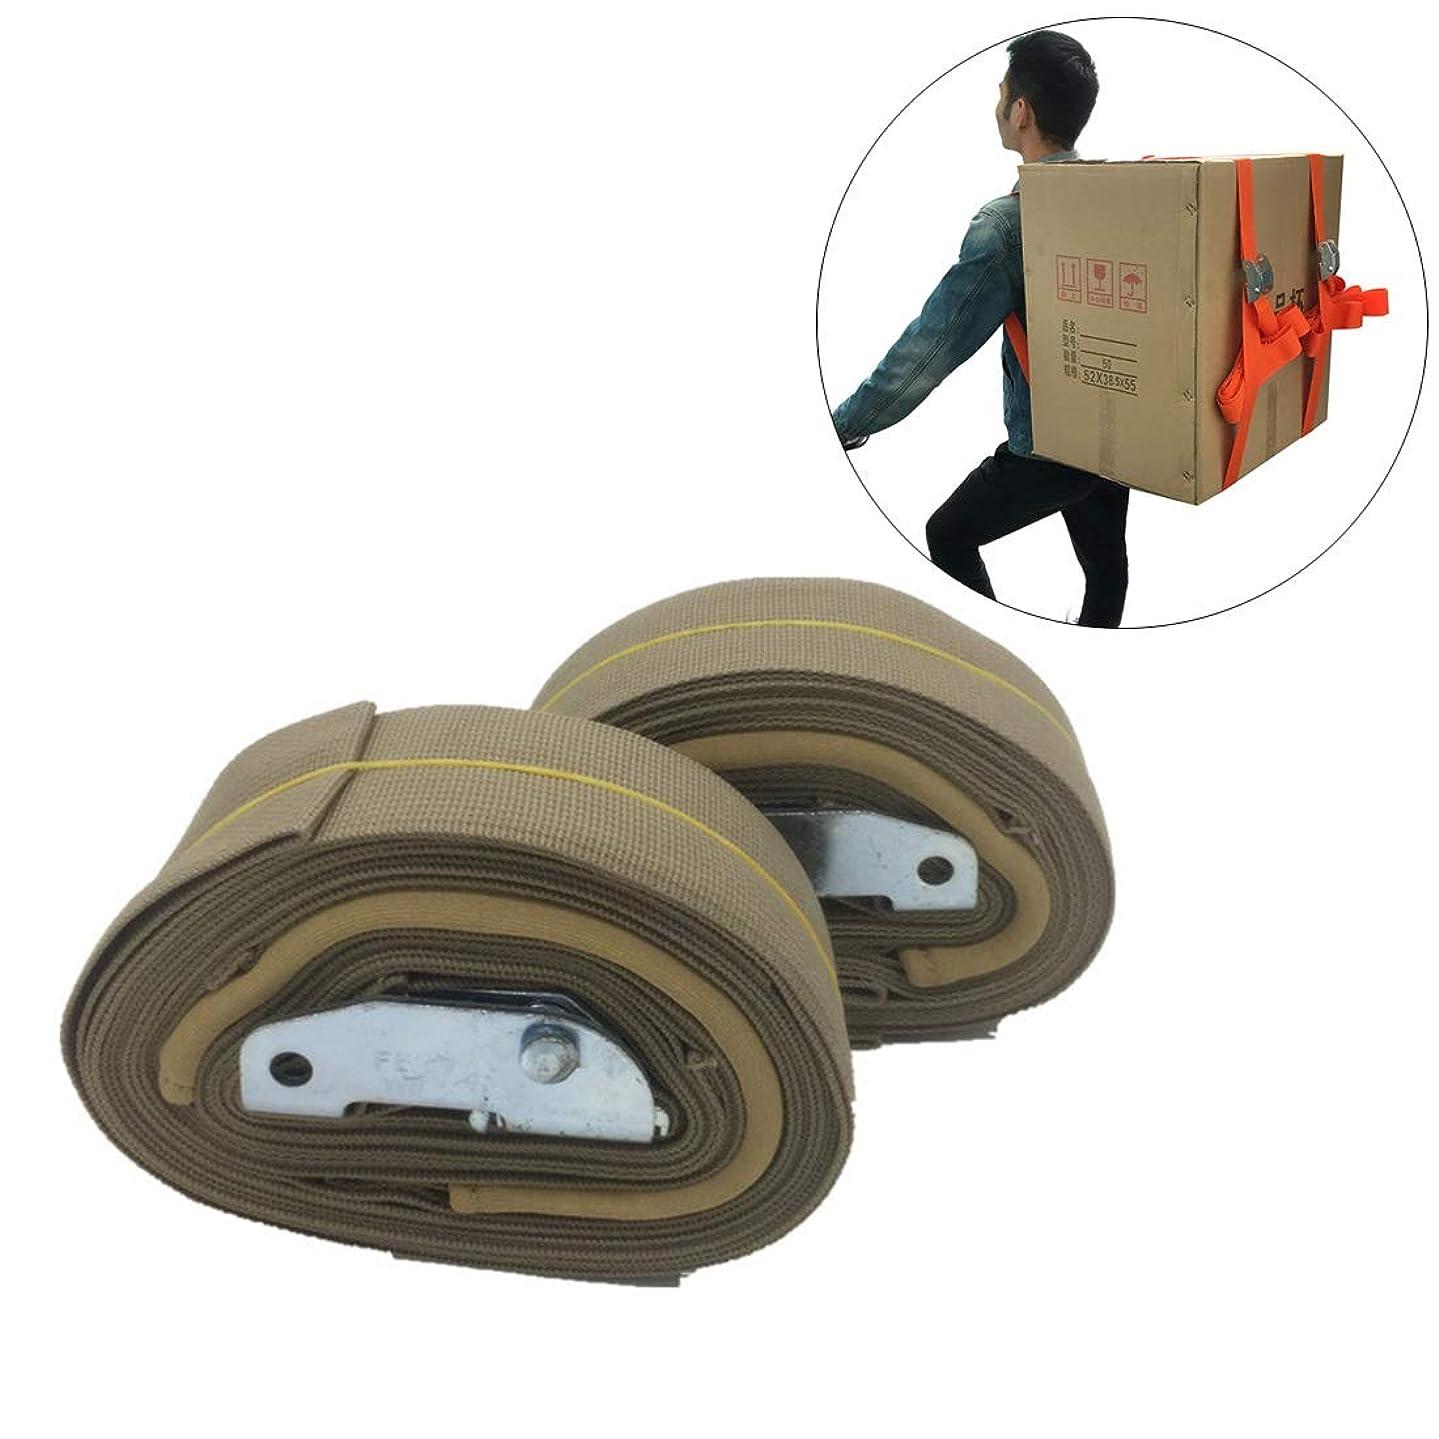 敬礼軽減するツーリストYOMODA スーツケースベルト 弾力タイプ 長さ調整 荷物ストラップ 荷物固定バックル 新款ワンタッチスーツケースベルト 旅行 出張用 一字のタイプ 2pcs